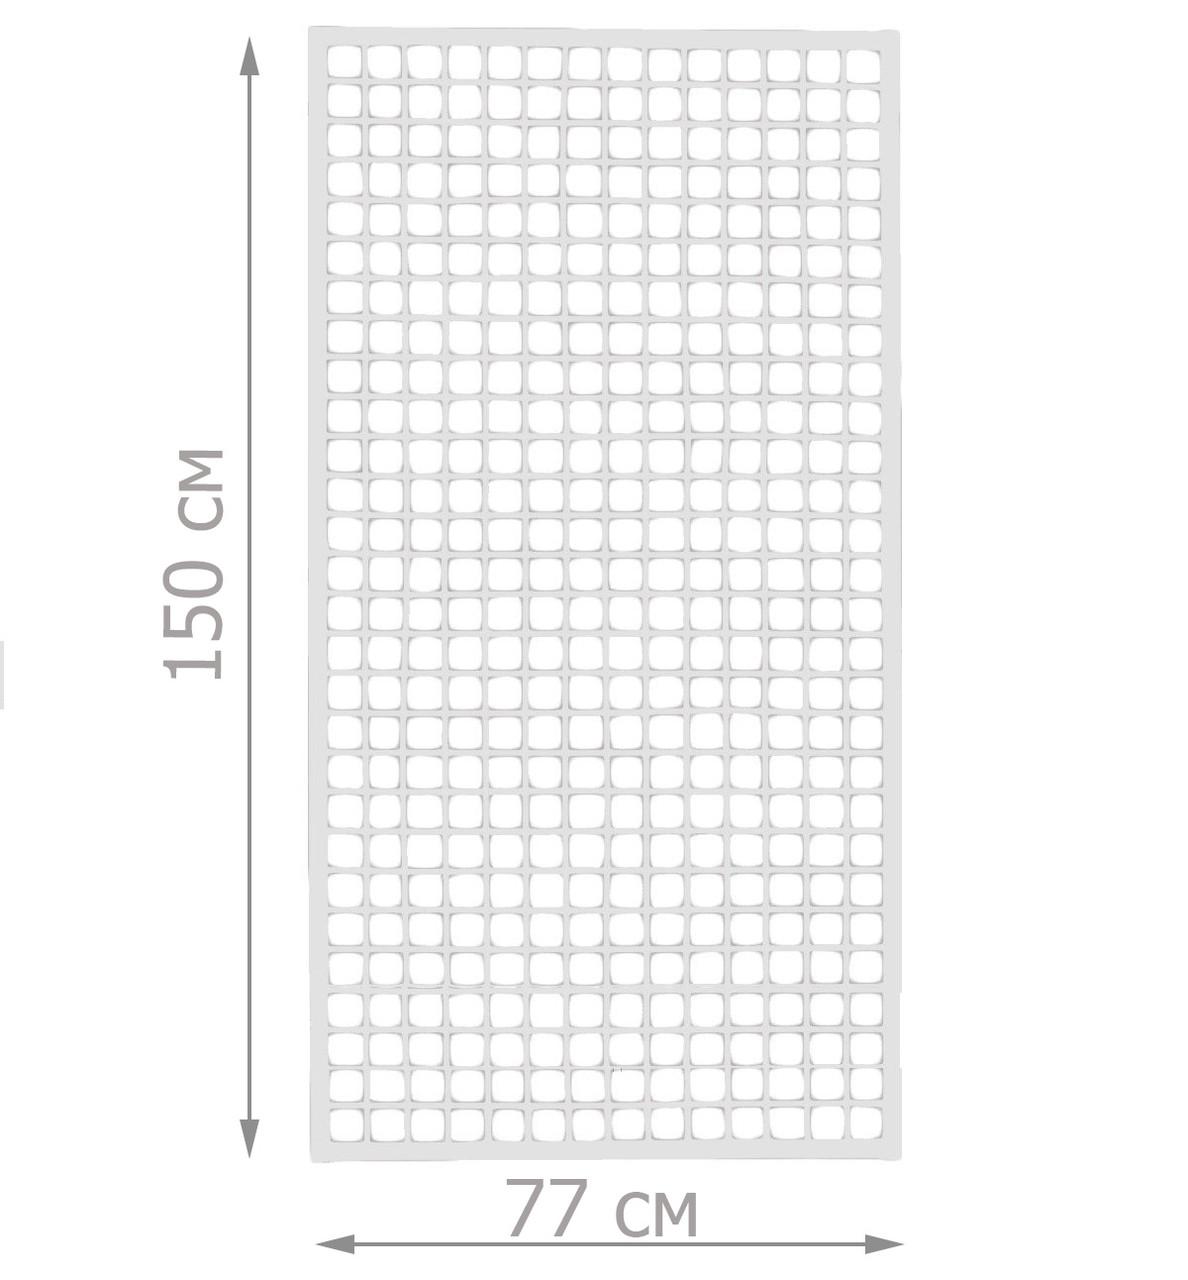 Торговая сетка стенд в рамке 77/150см профиль 20х20 мм (от производителя оптом и в розницу)